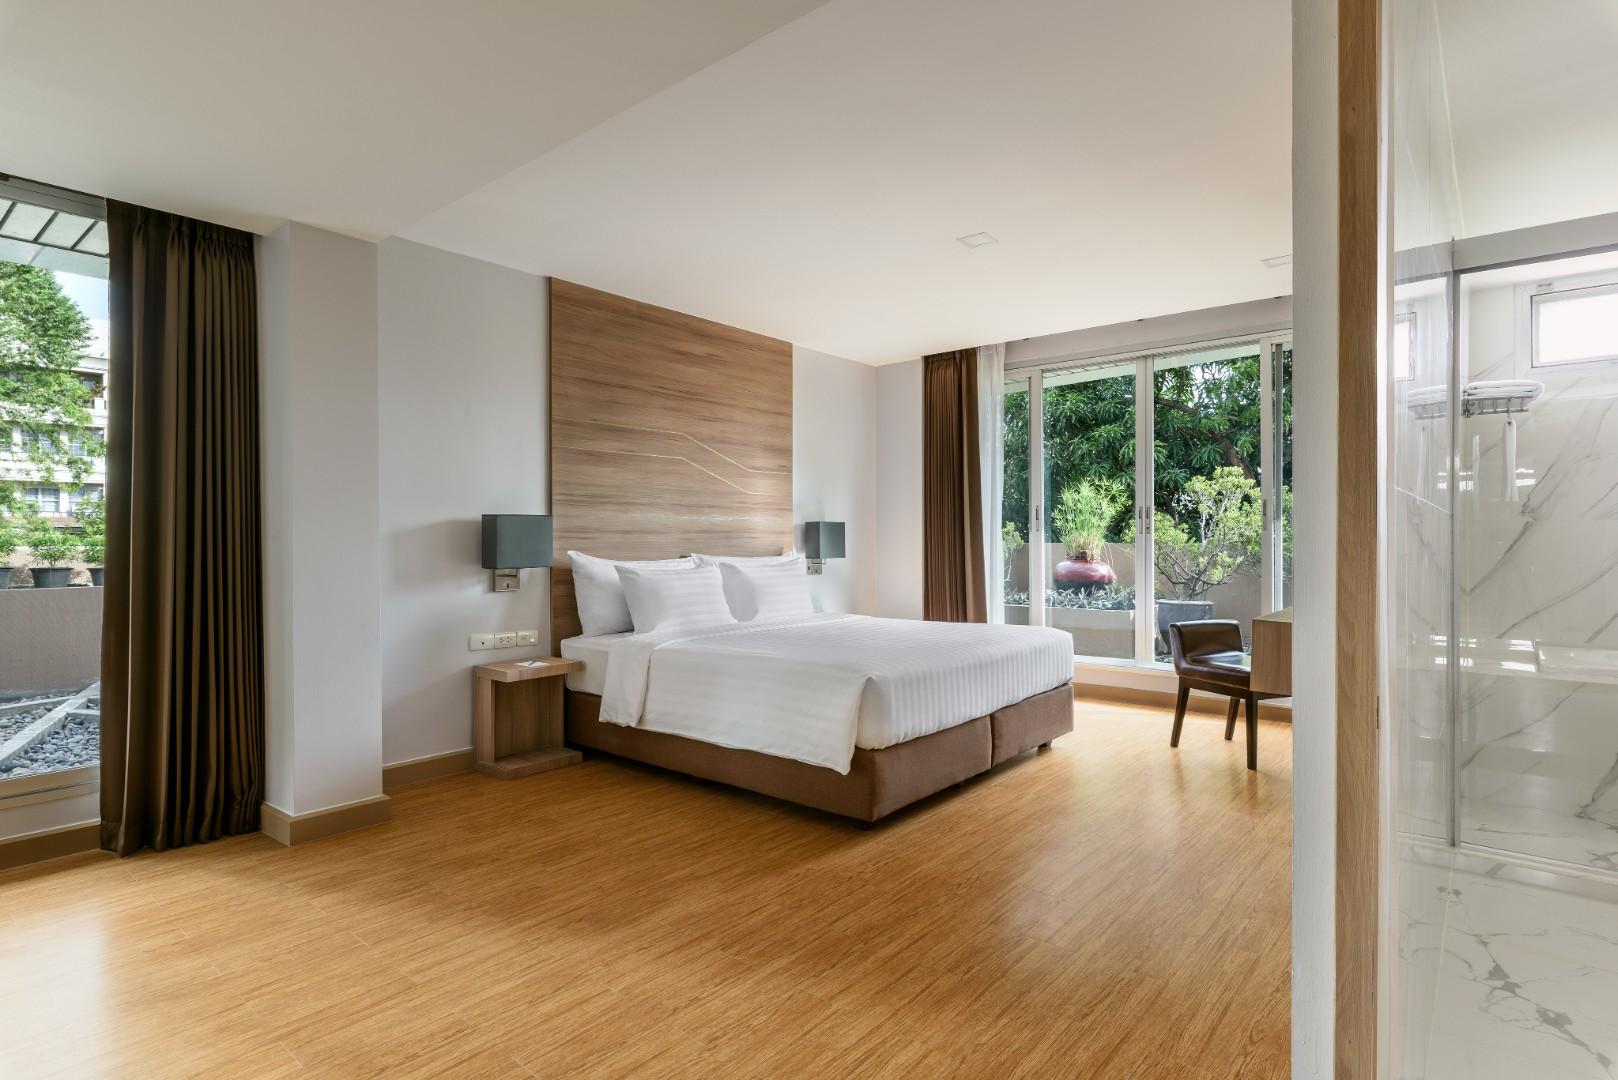 201907 Adelphi Grande Sukhumvit Hotel - Room 403 Bedroom.jpg